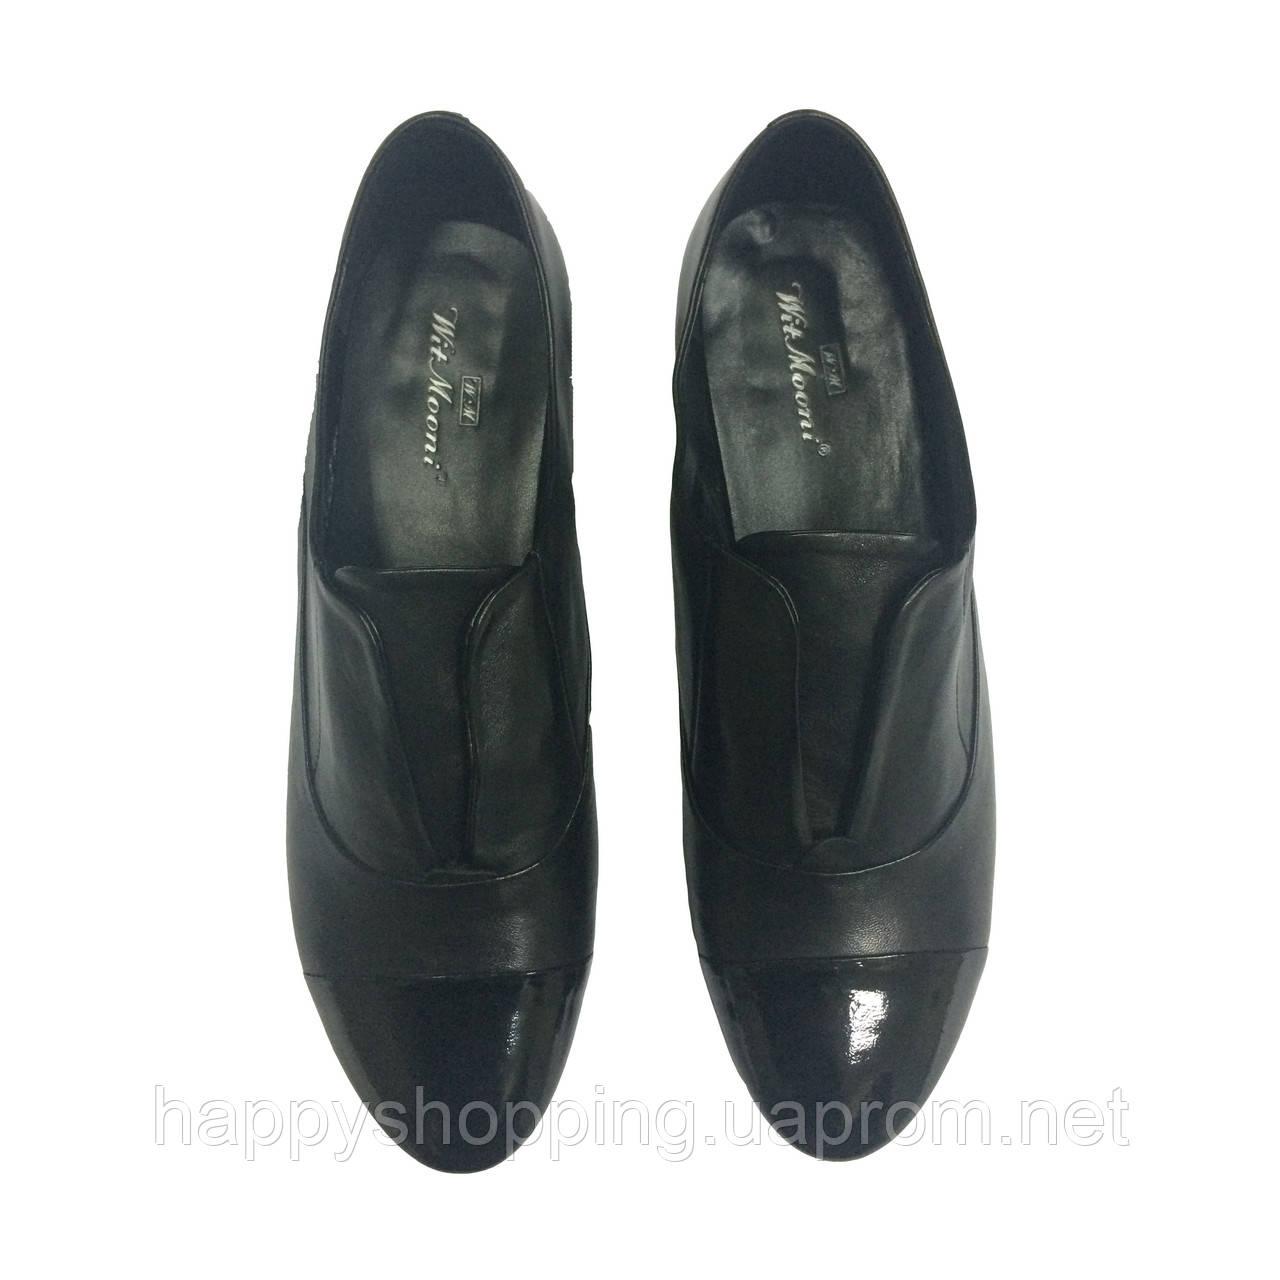 Черные туфли Wit Mooni